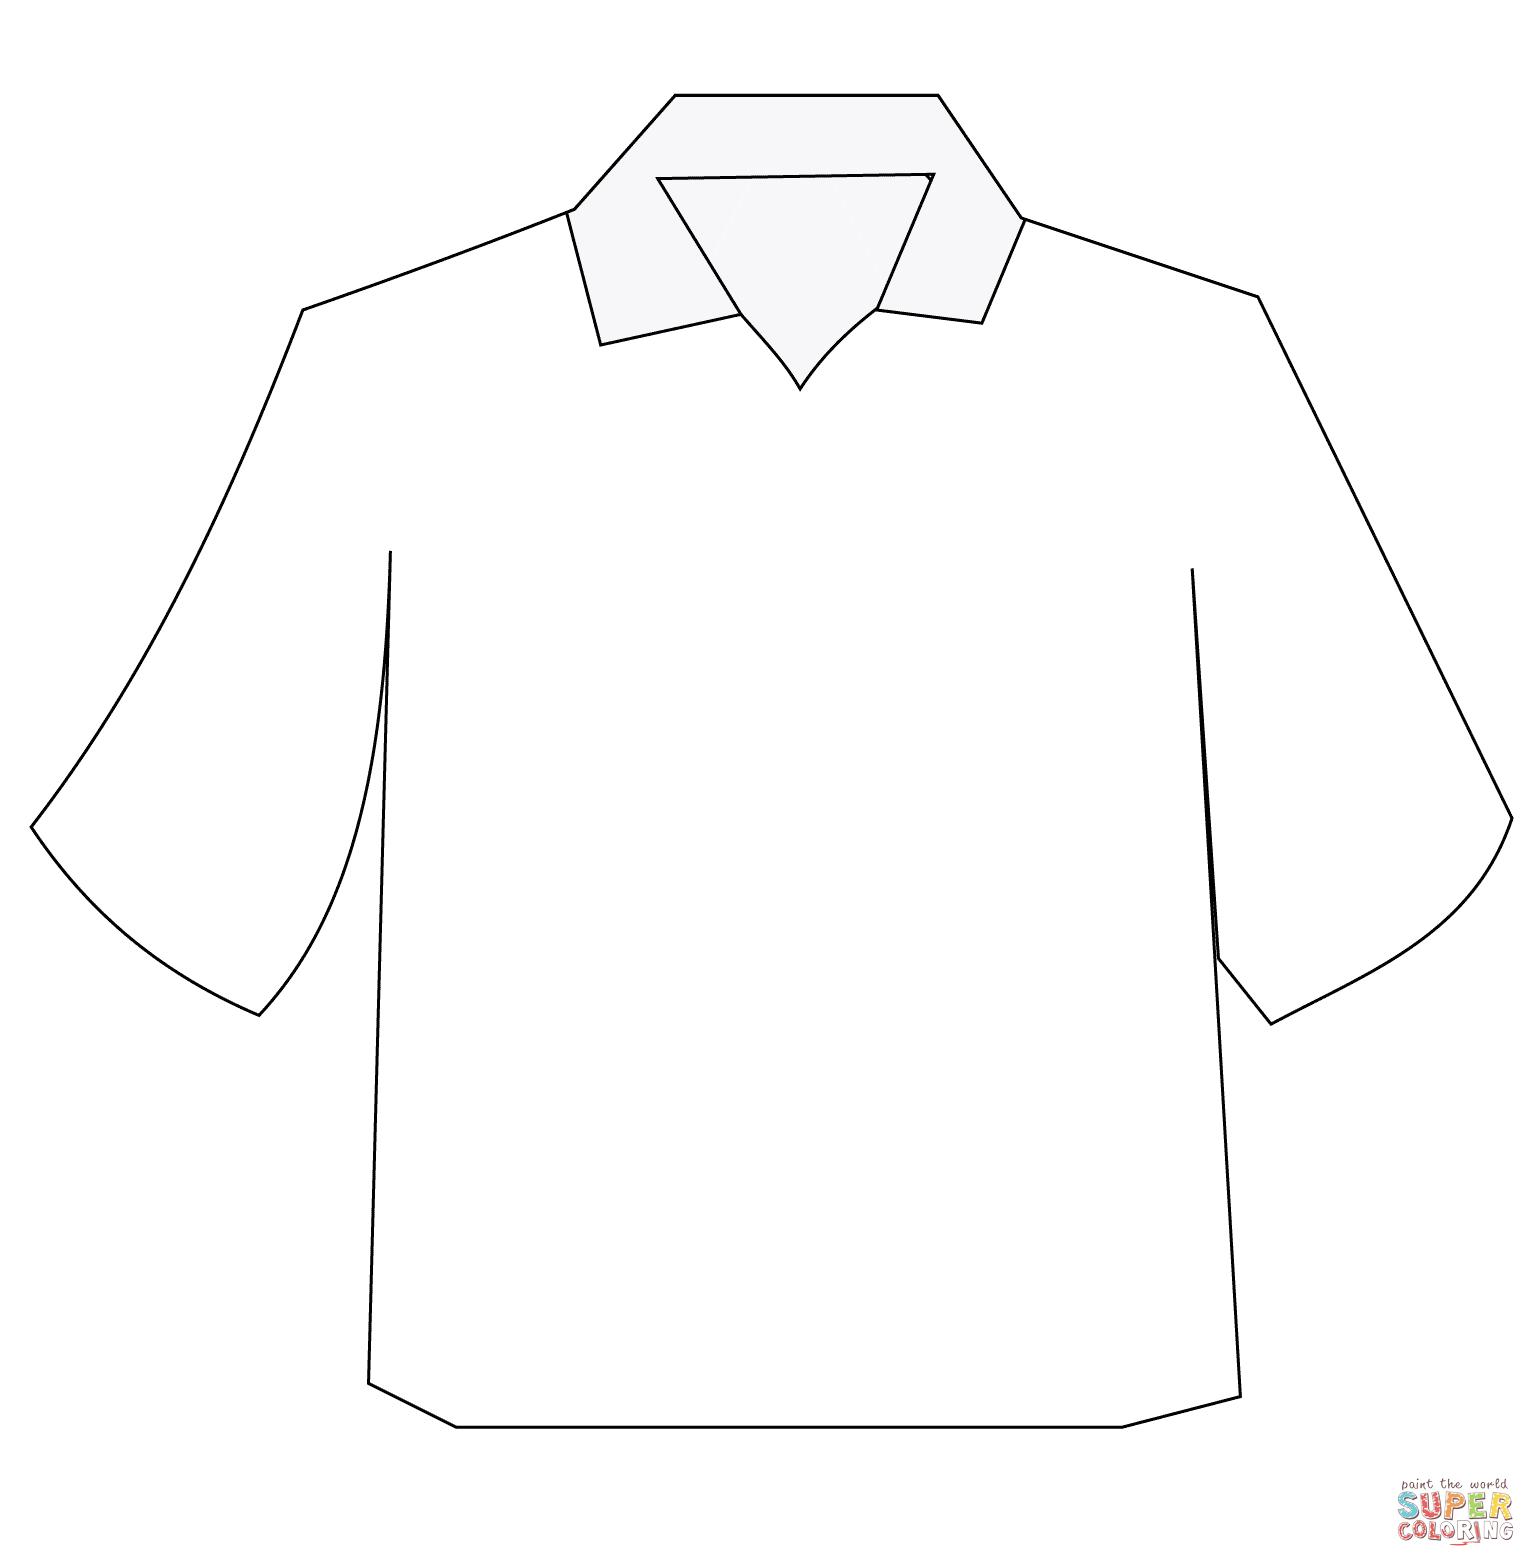 Collar Shirt Drawing At Getdrawings